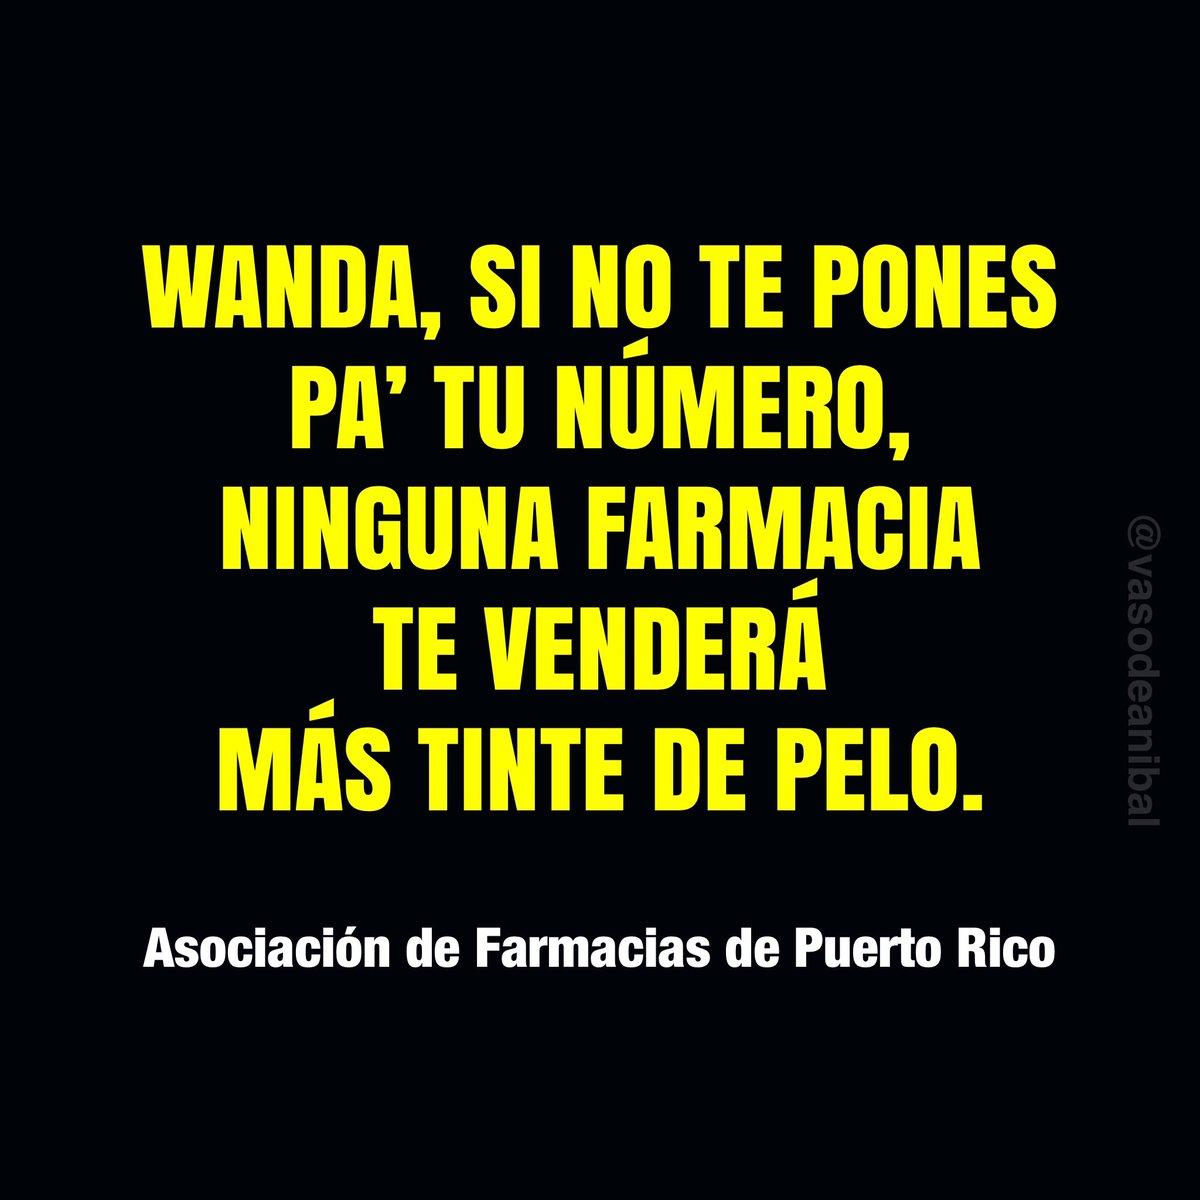 Wanda está advertida... 😁